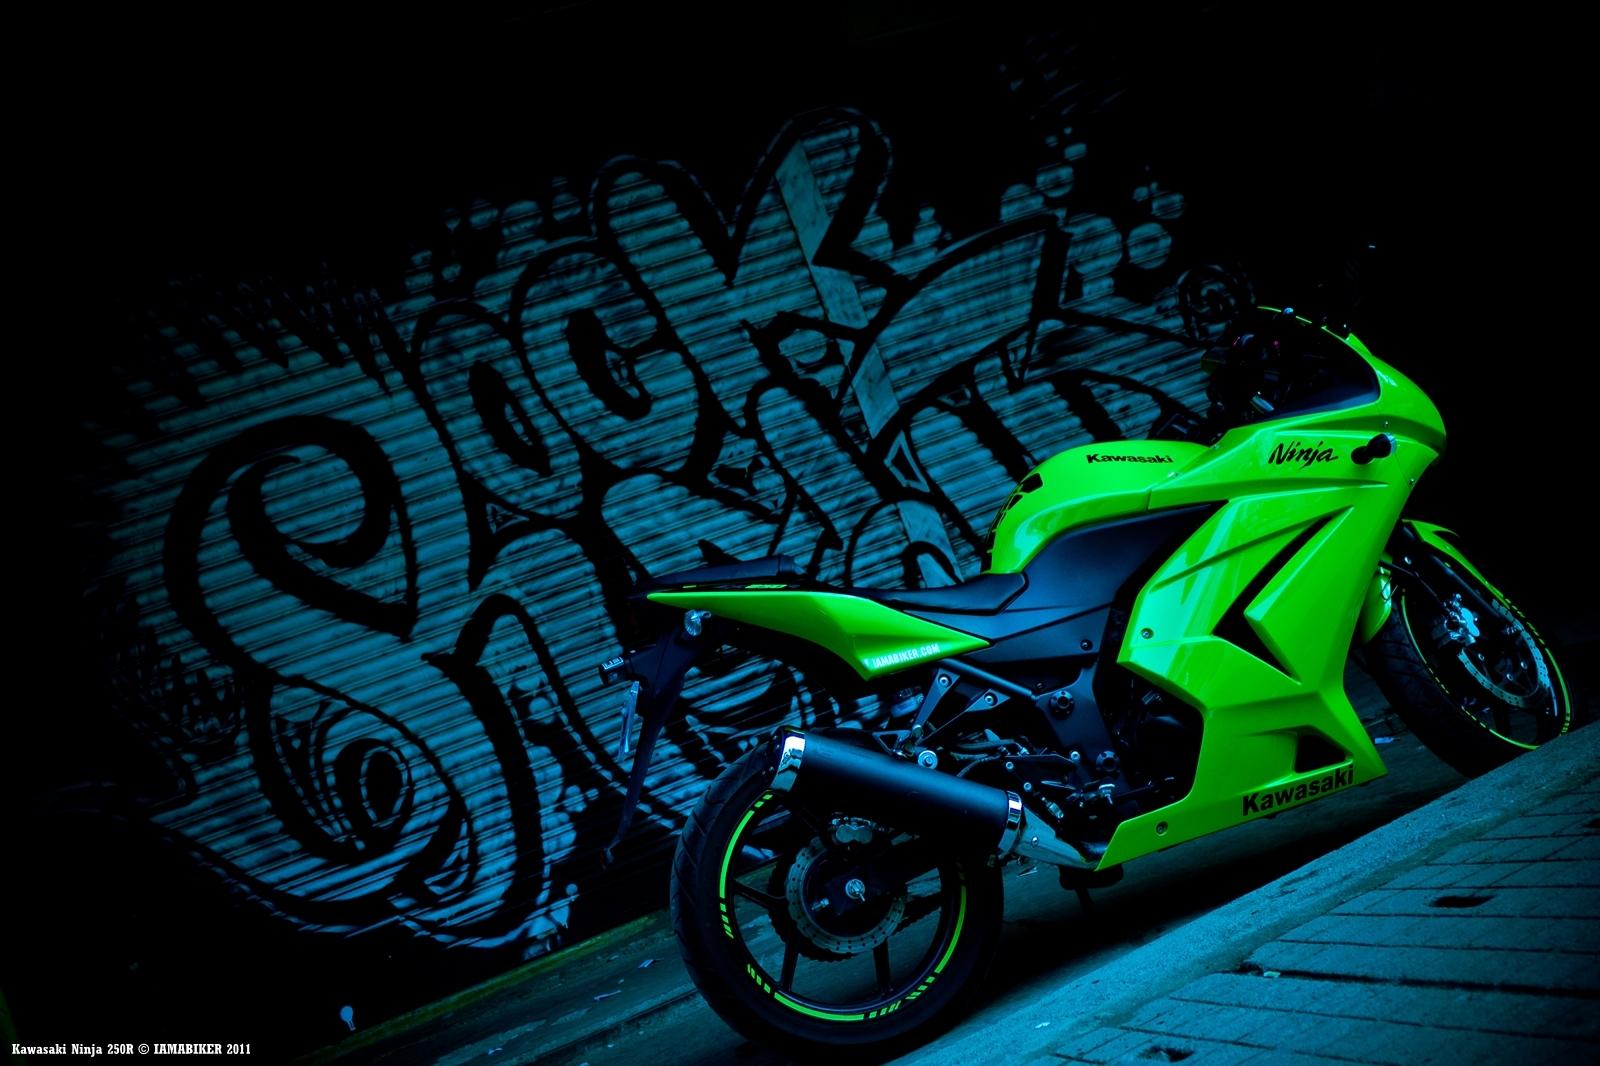 ninja motorcycle wallpaper - wallpapersafari